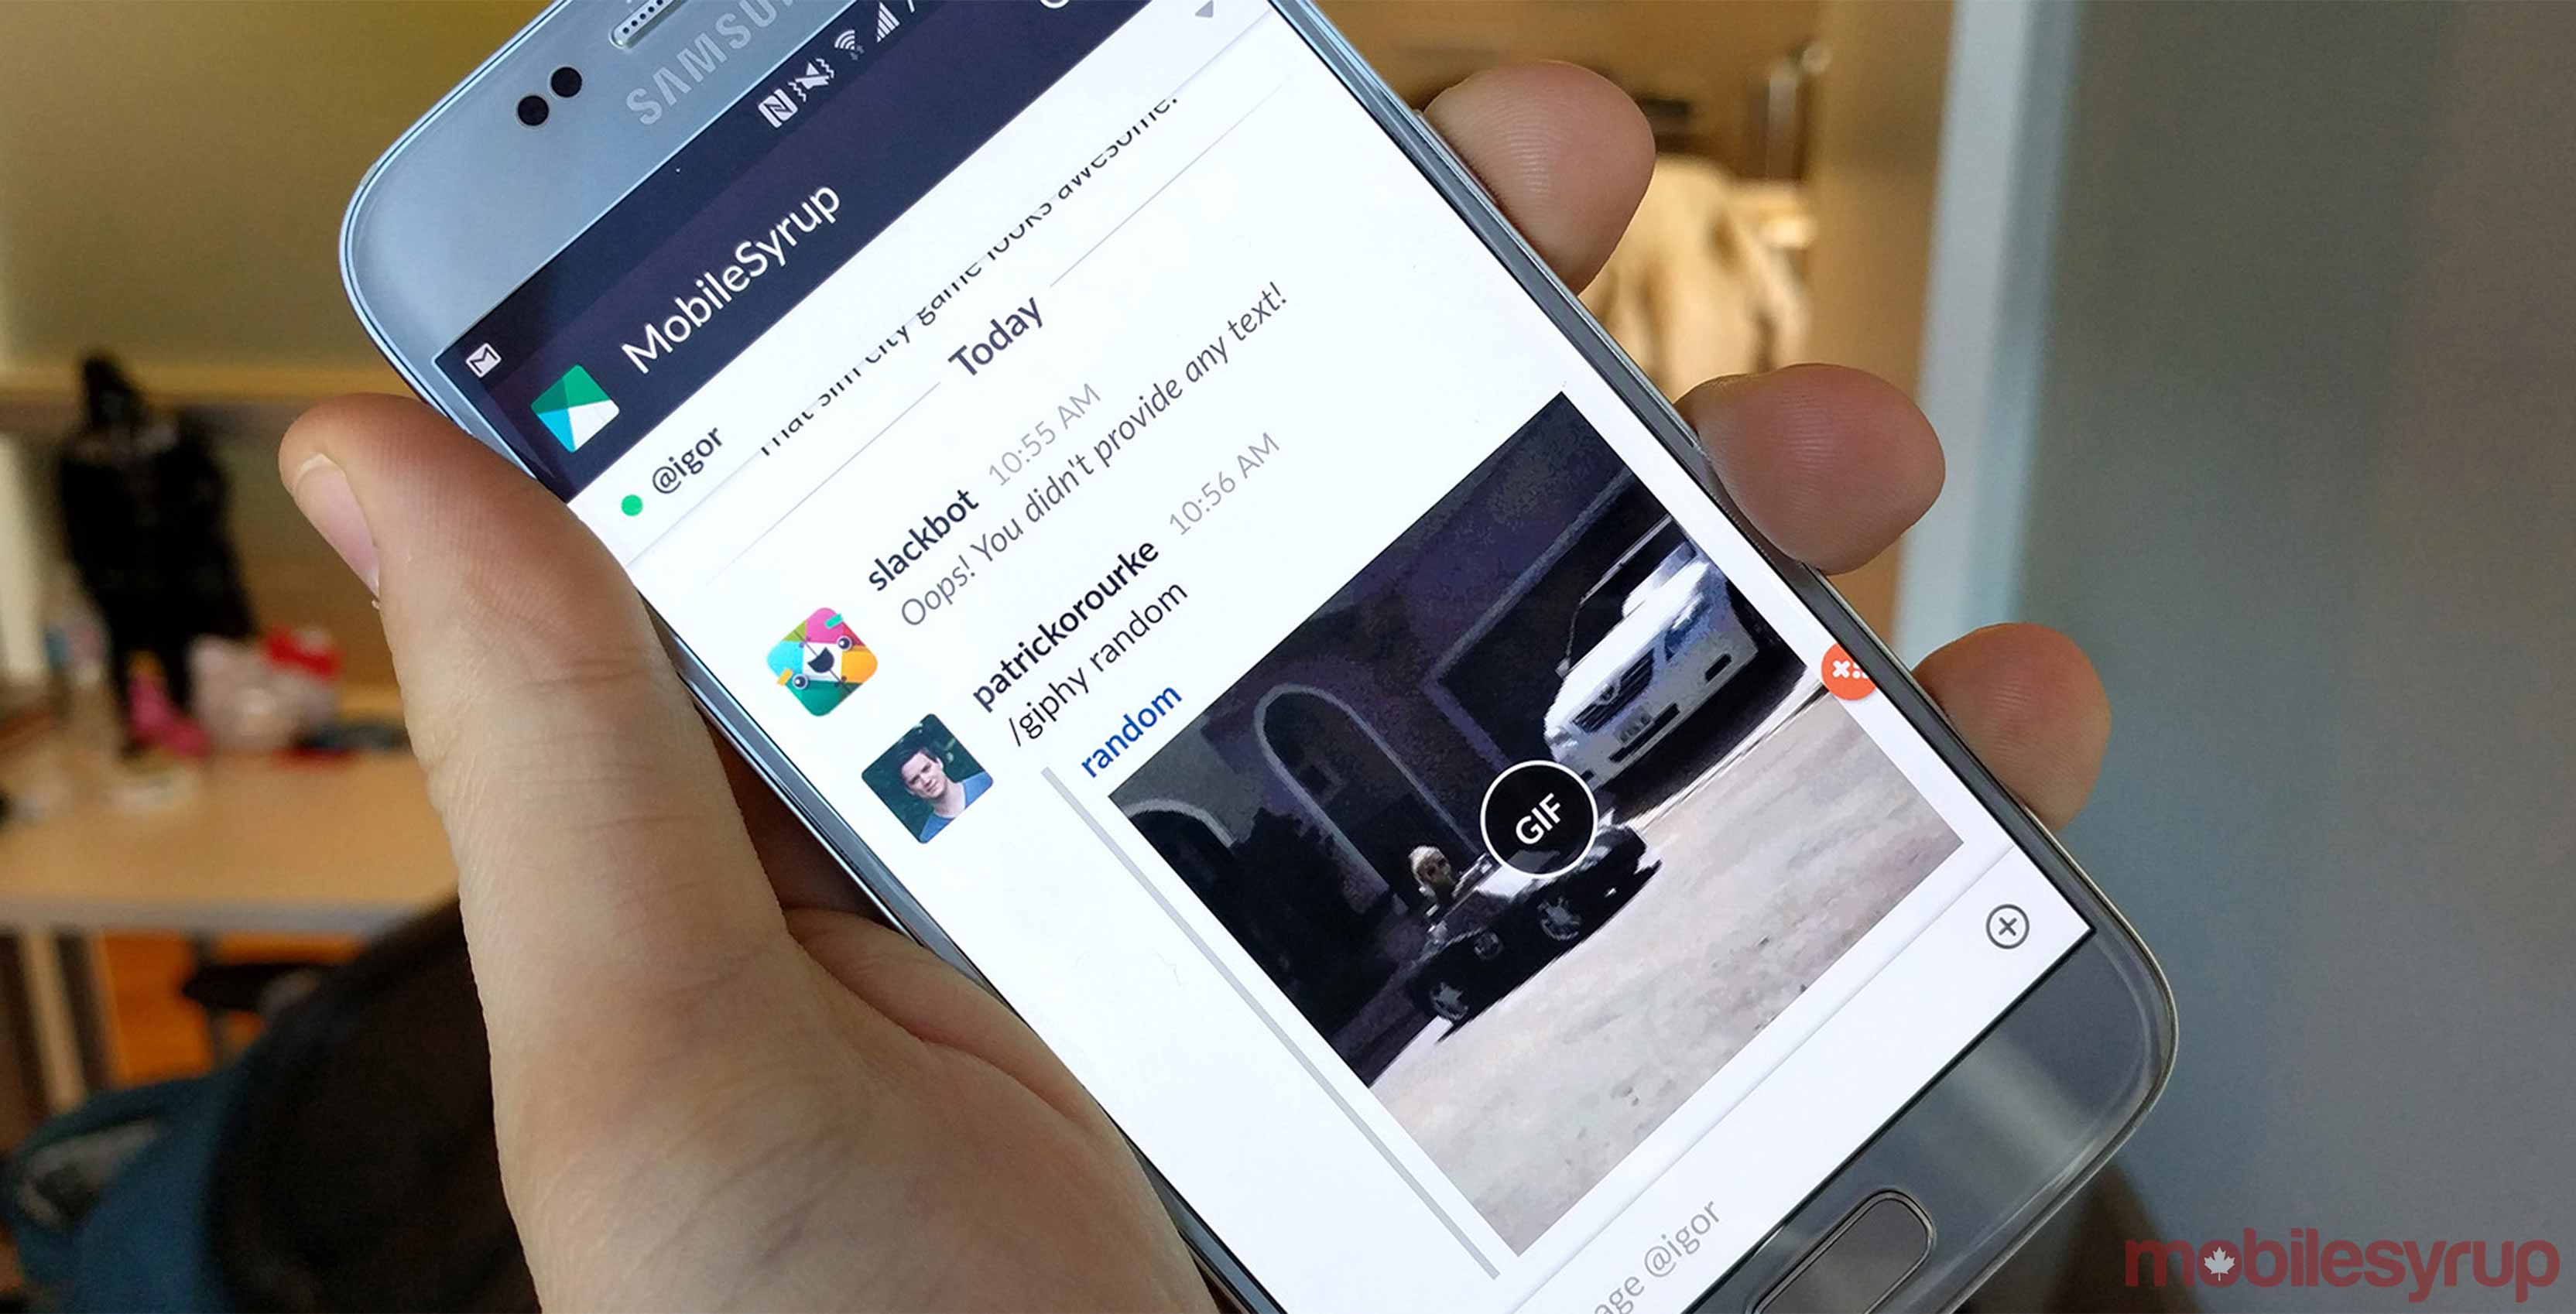 Slack app on iOS